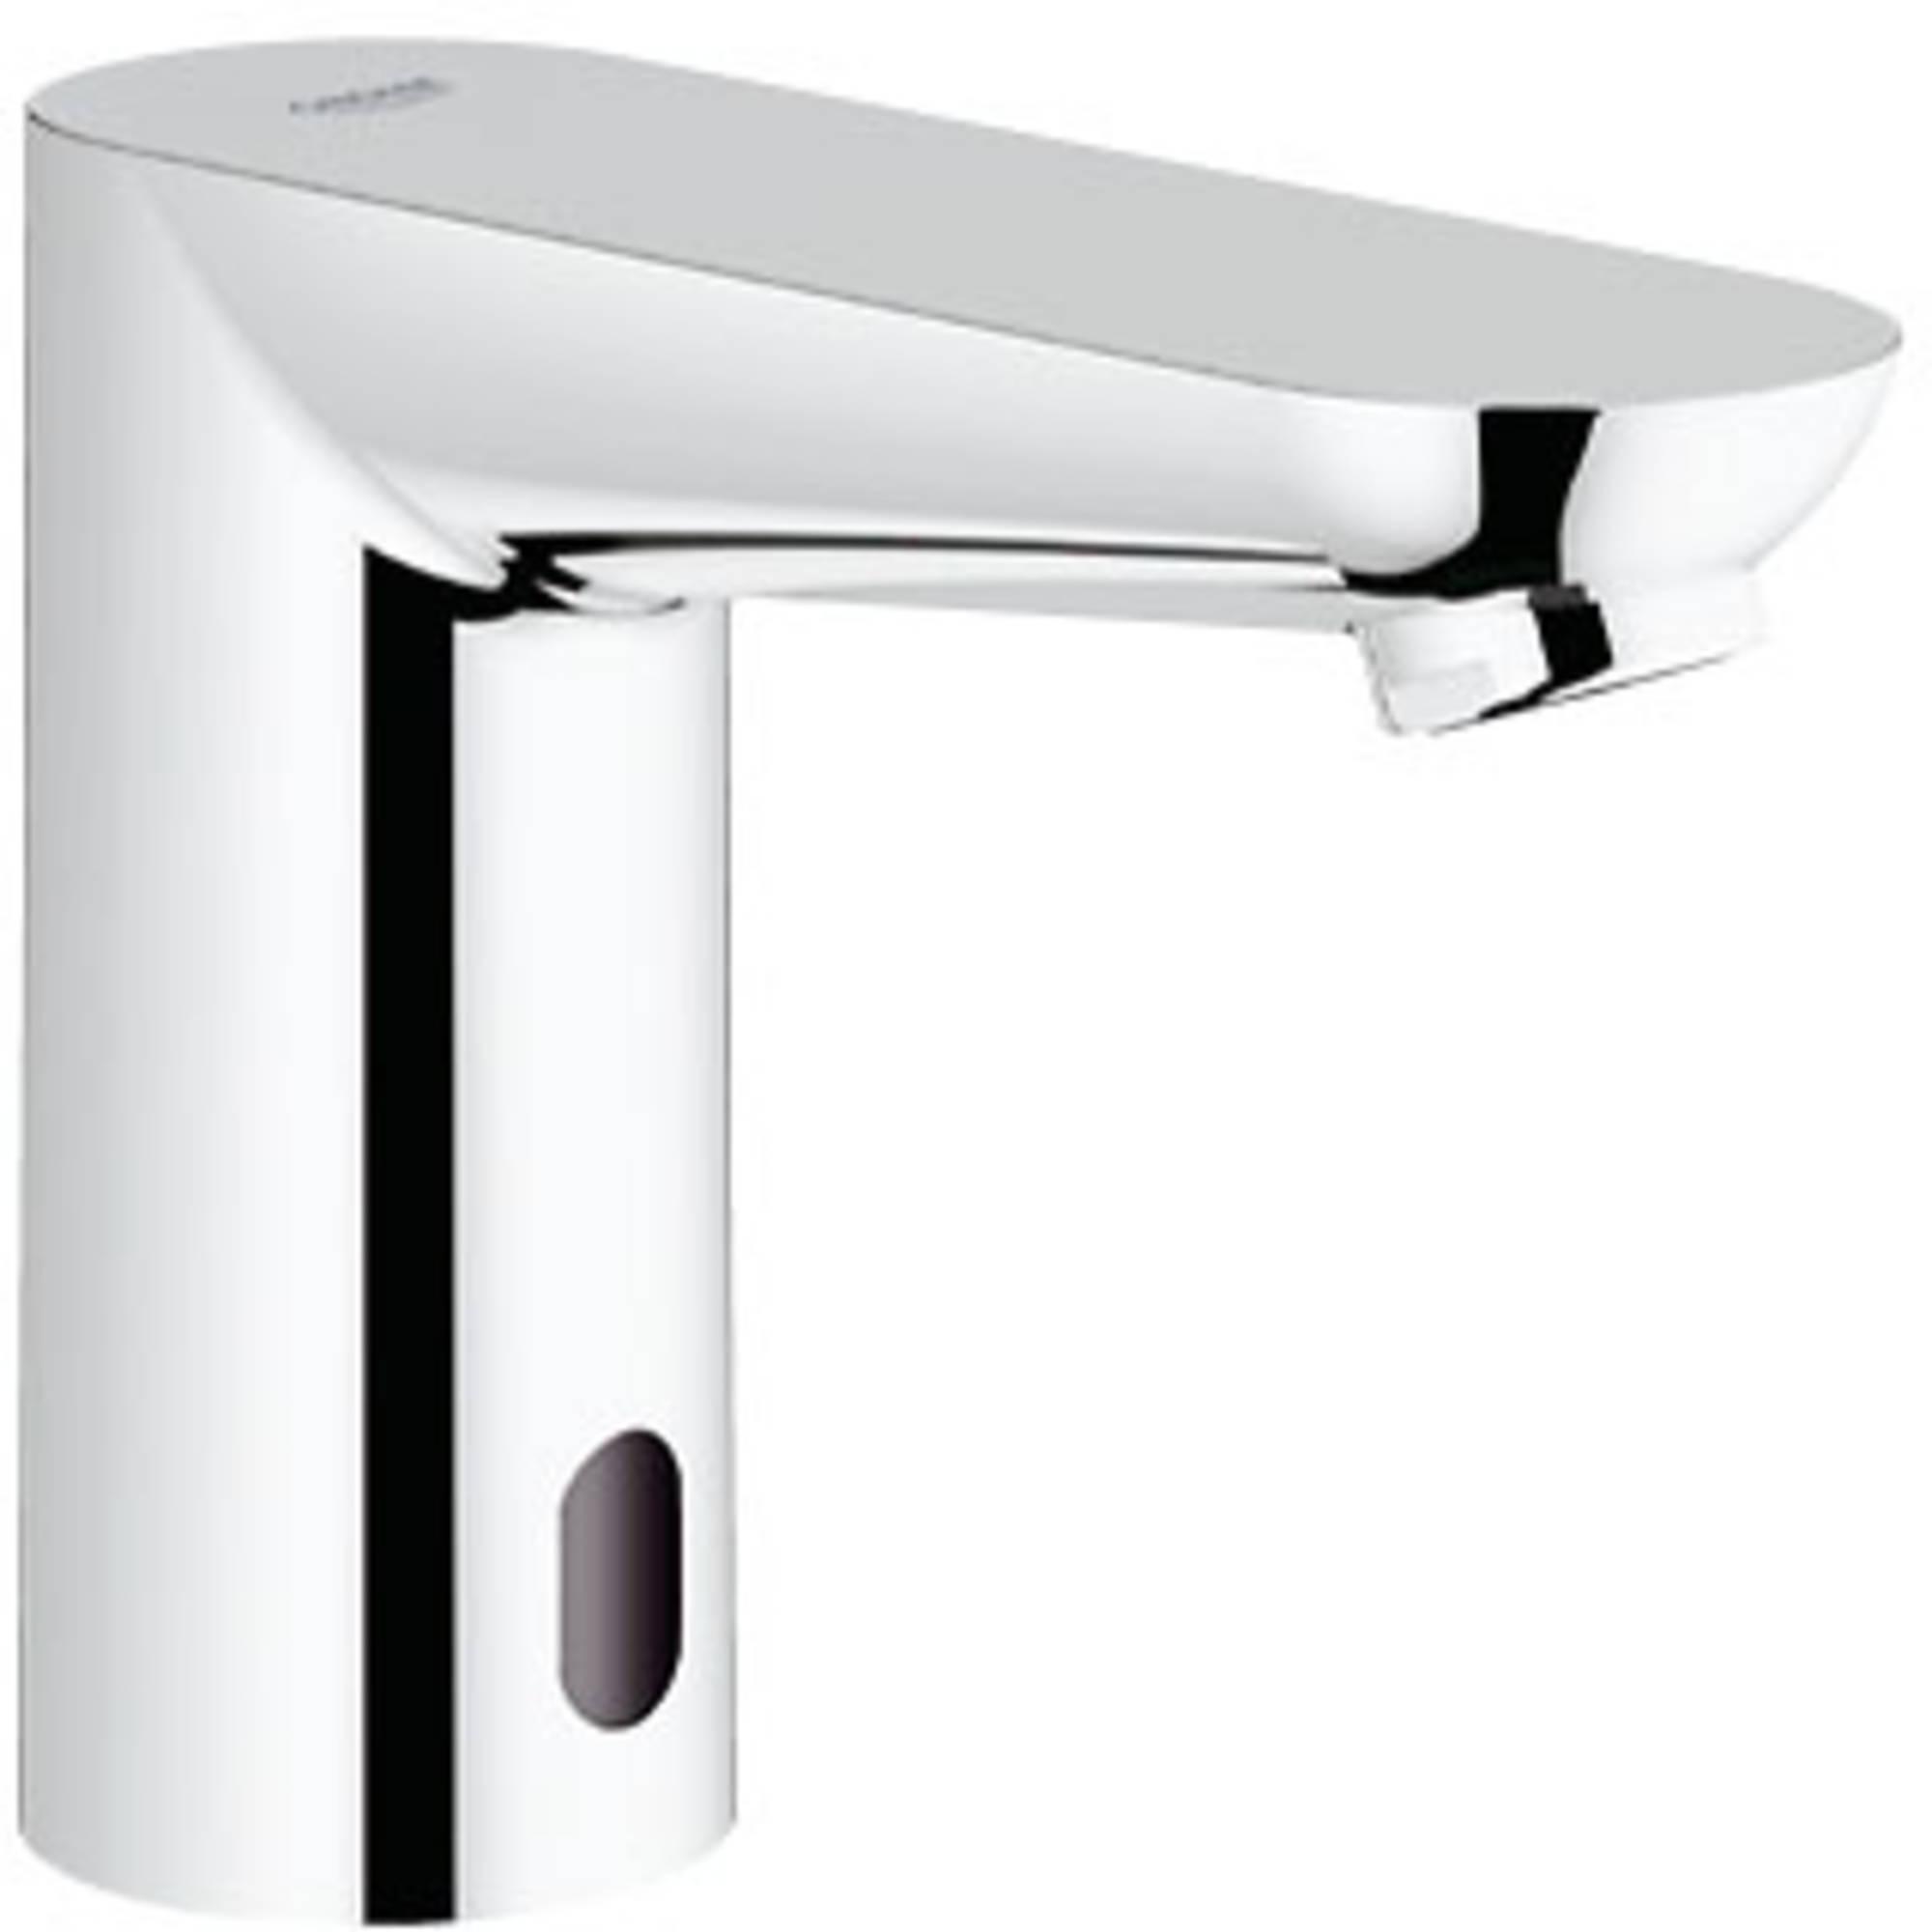 Grohe Euroeco wastafelkraan infrarood chroom 36271000